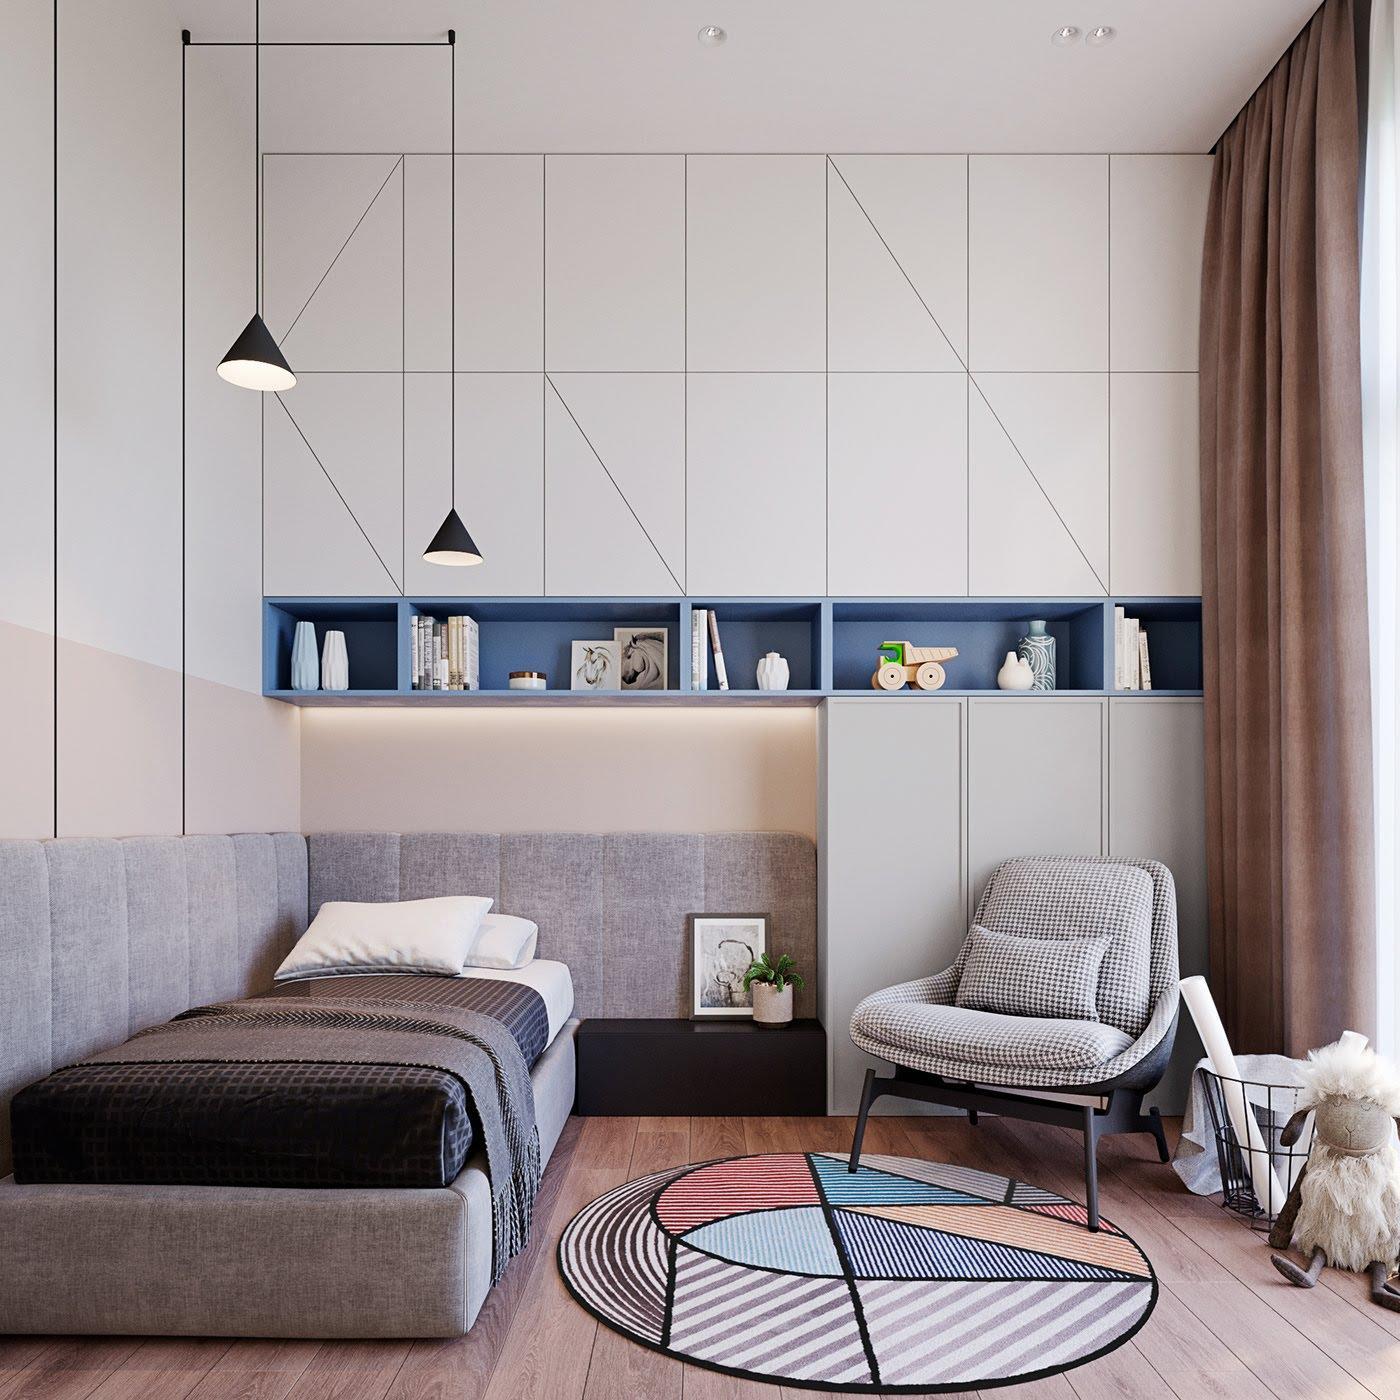 Những đồ nội thất có kích thước nhỏ giúp tiết kiệm diện tích